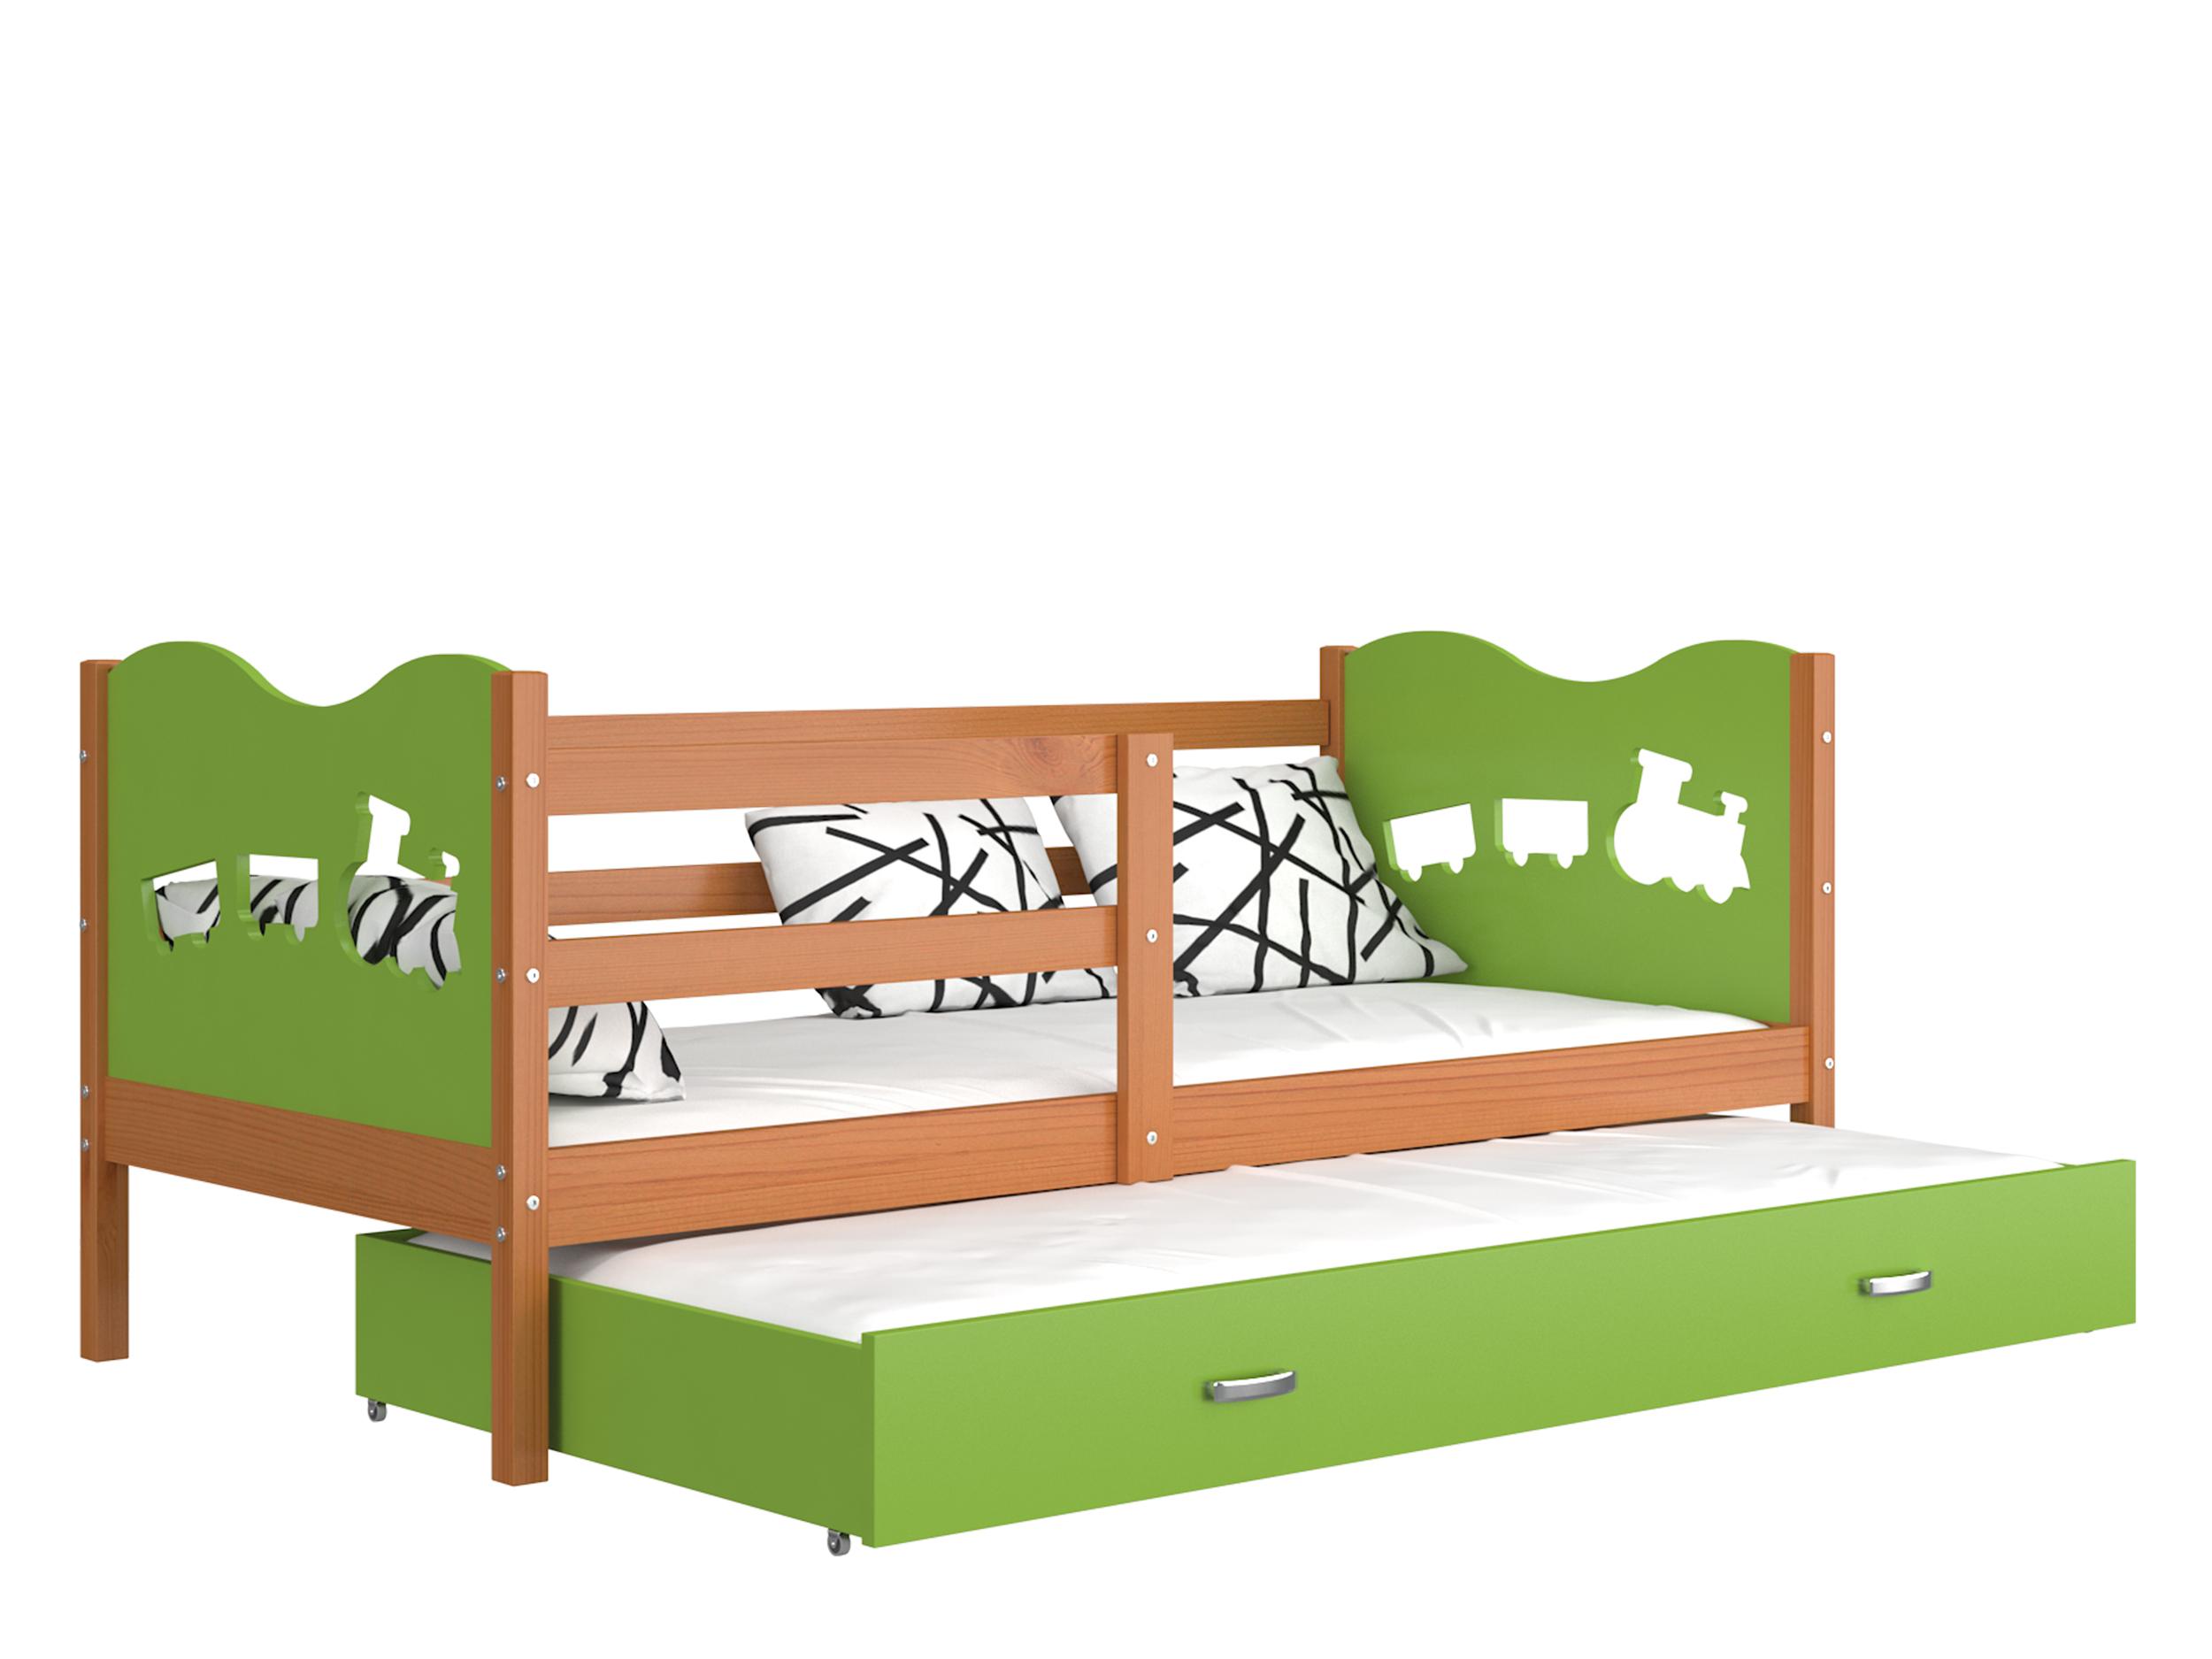 ArtAJ Detská posteľ Max P2 drevo / MDF 190 x 80 cm Max: jelša / zelená s matracom 190 x 80 cm